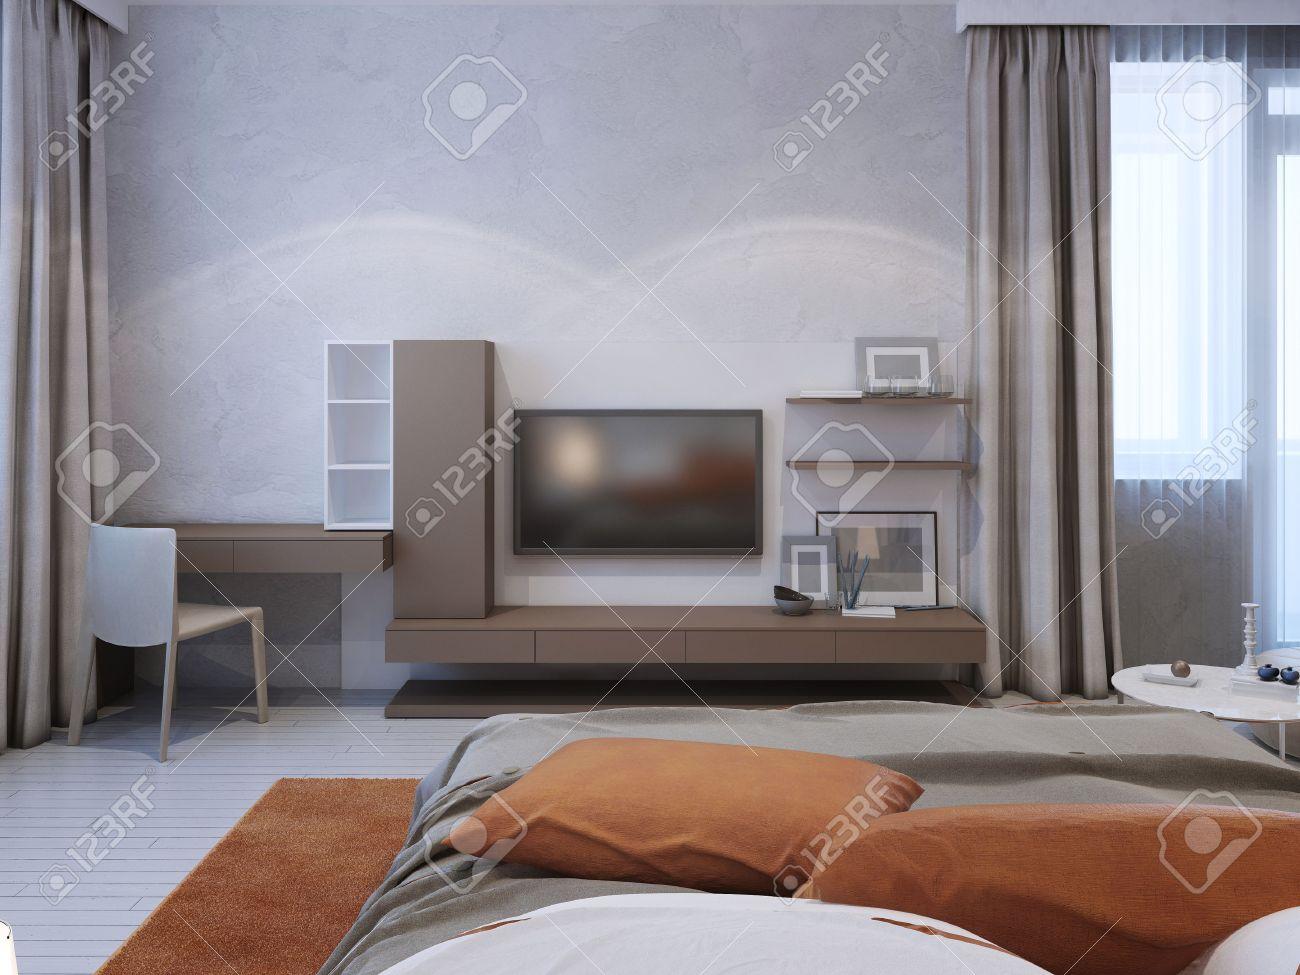 media parete colore taupe in camera da letto contemporaneo. 3d ... - Colori Muro Camera Da Letto